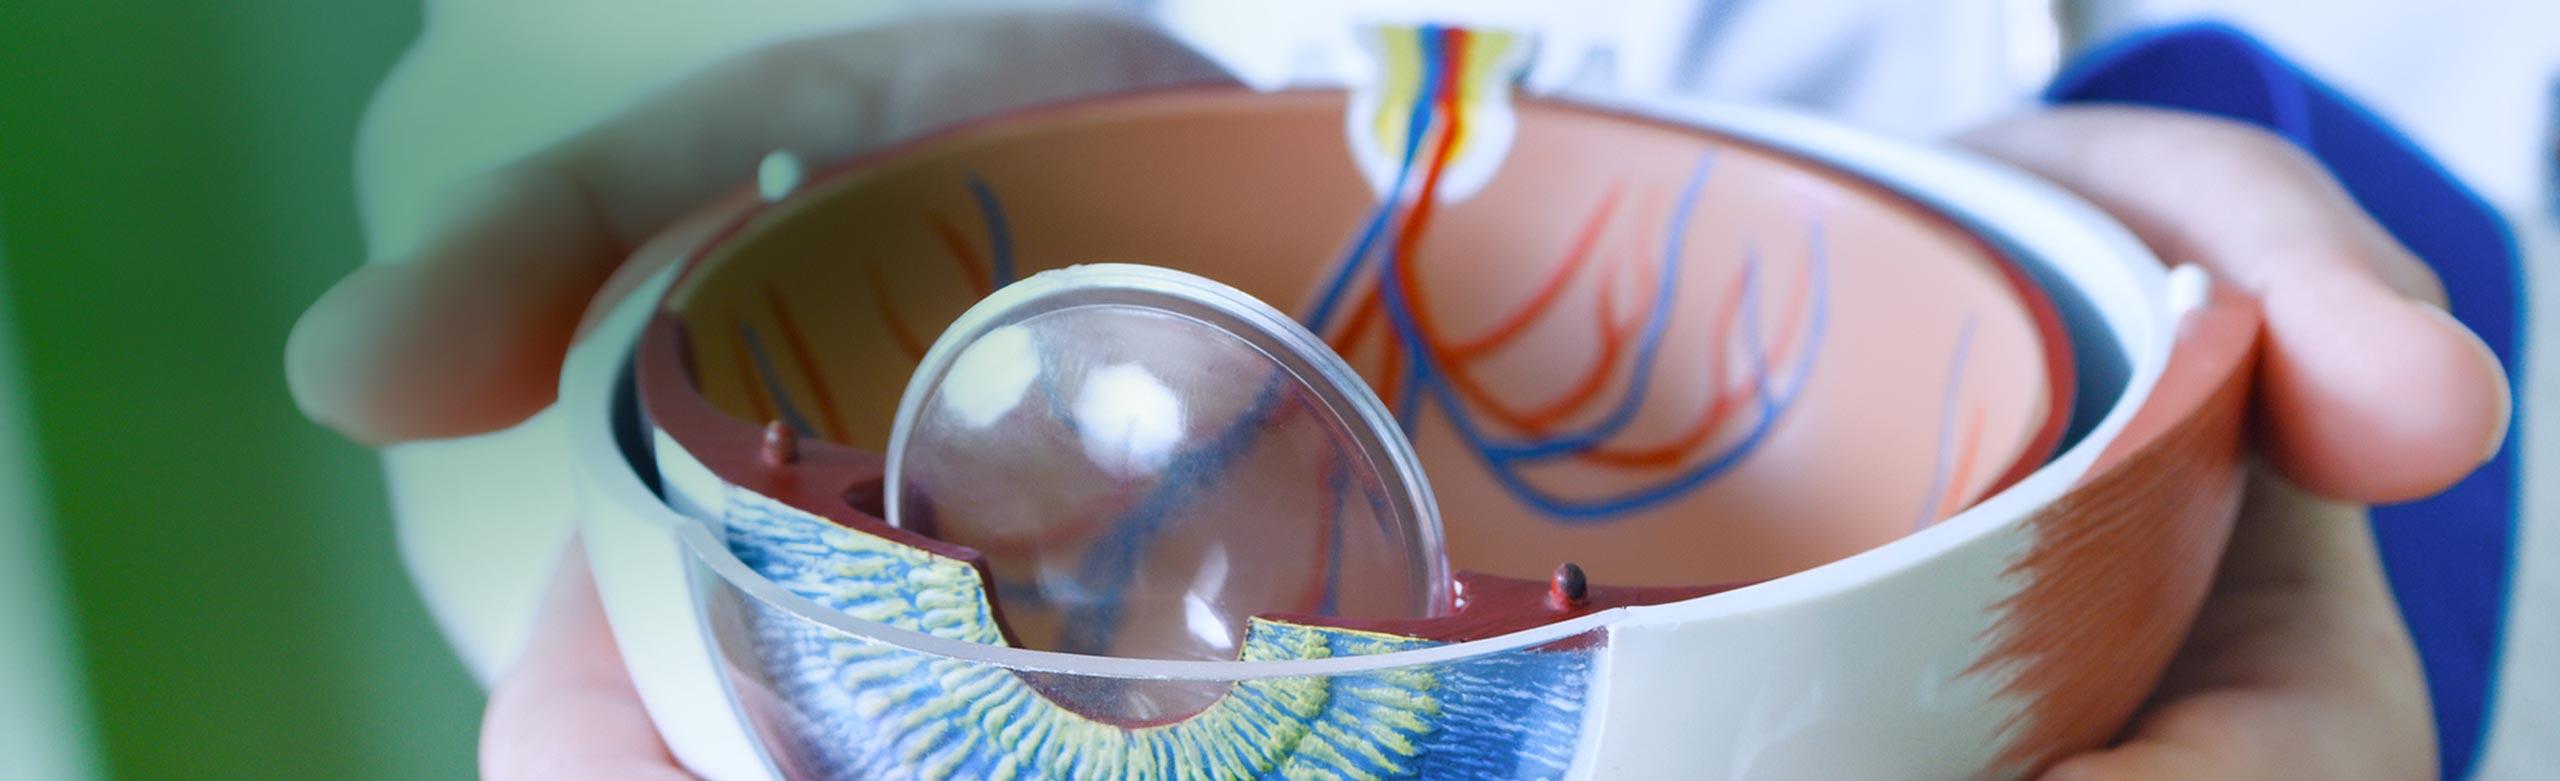 Imagem de mãos segurando um olho de plástico anatômico